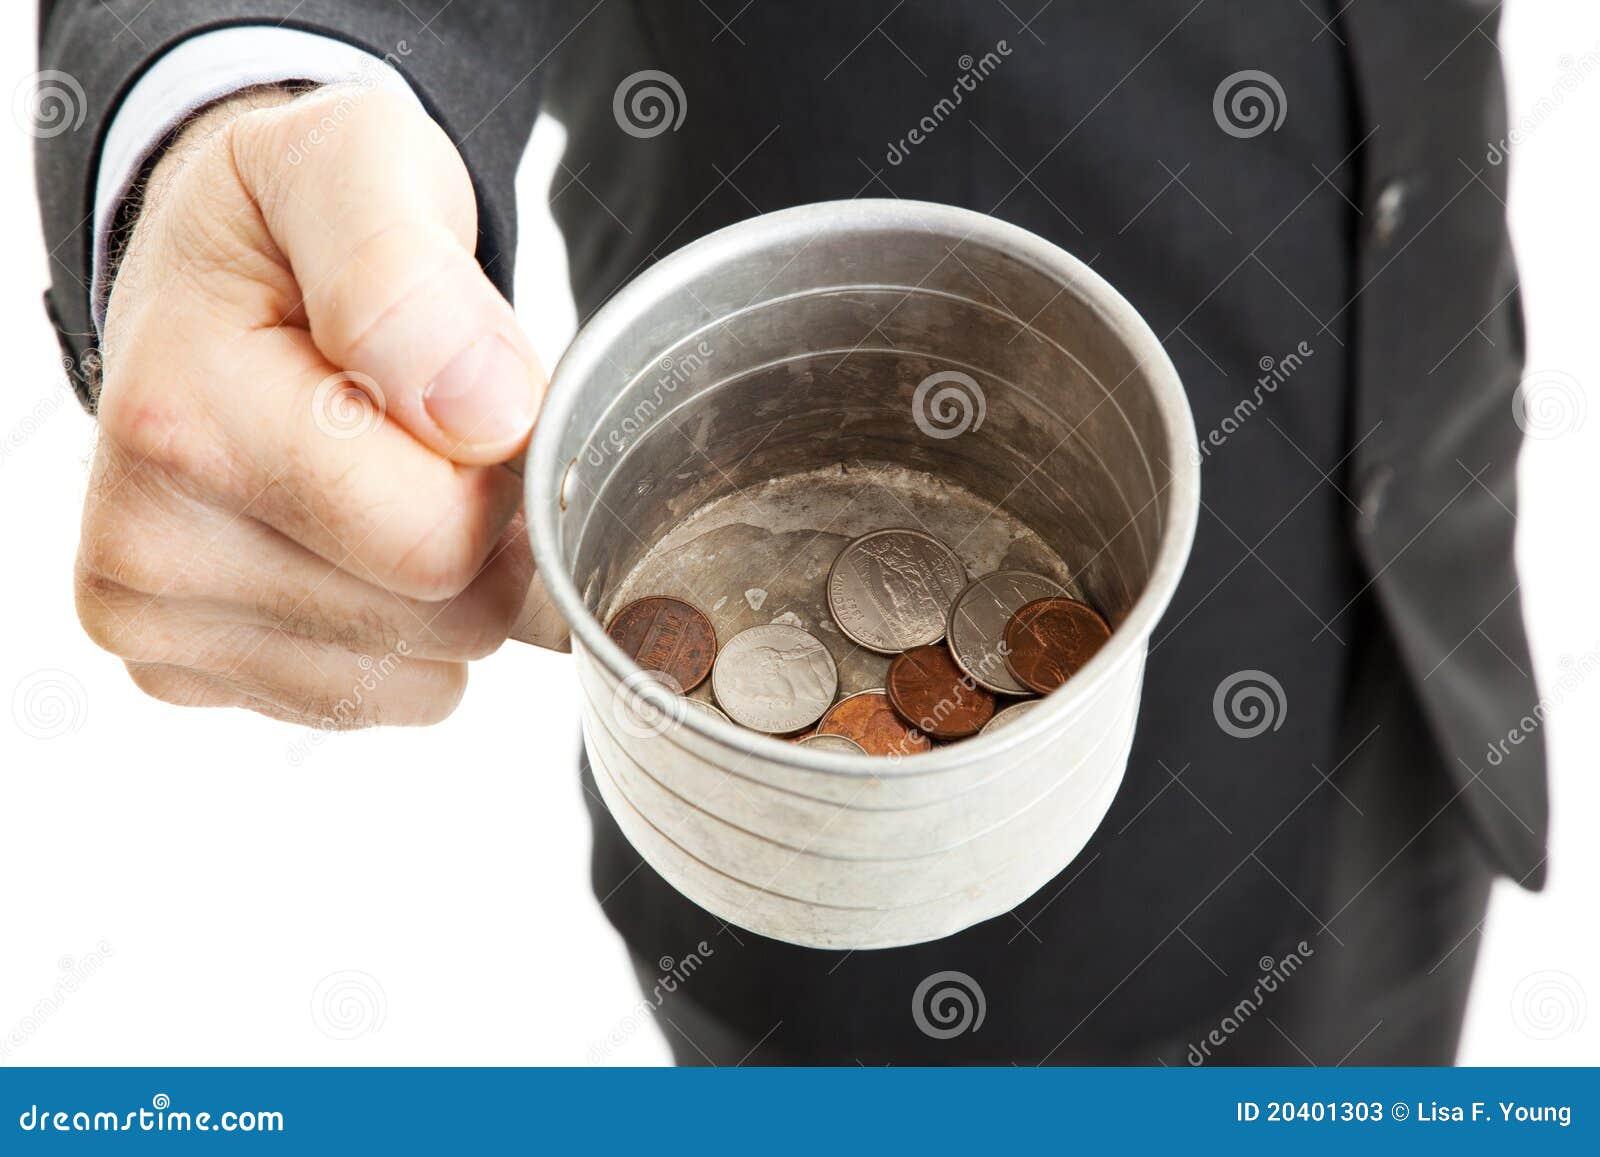 Beggar Hand